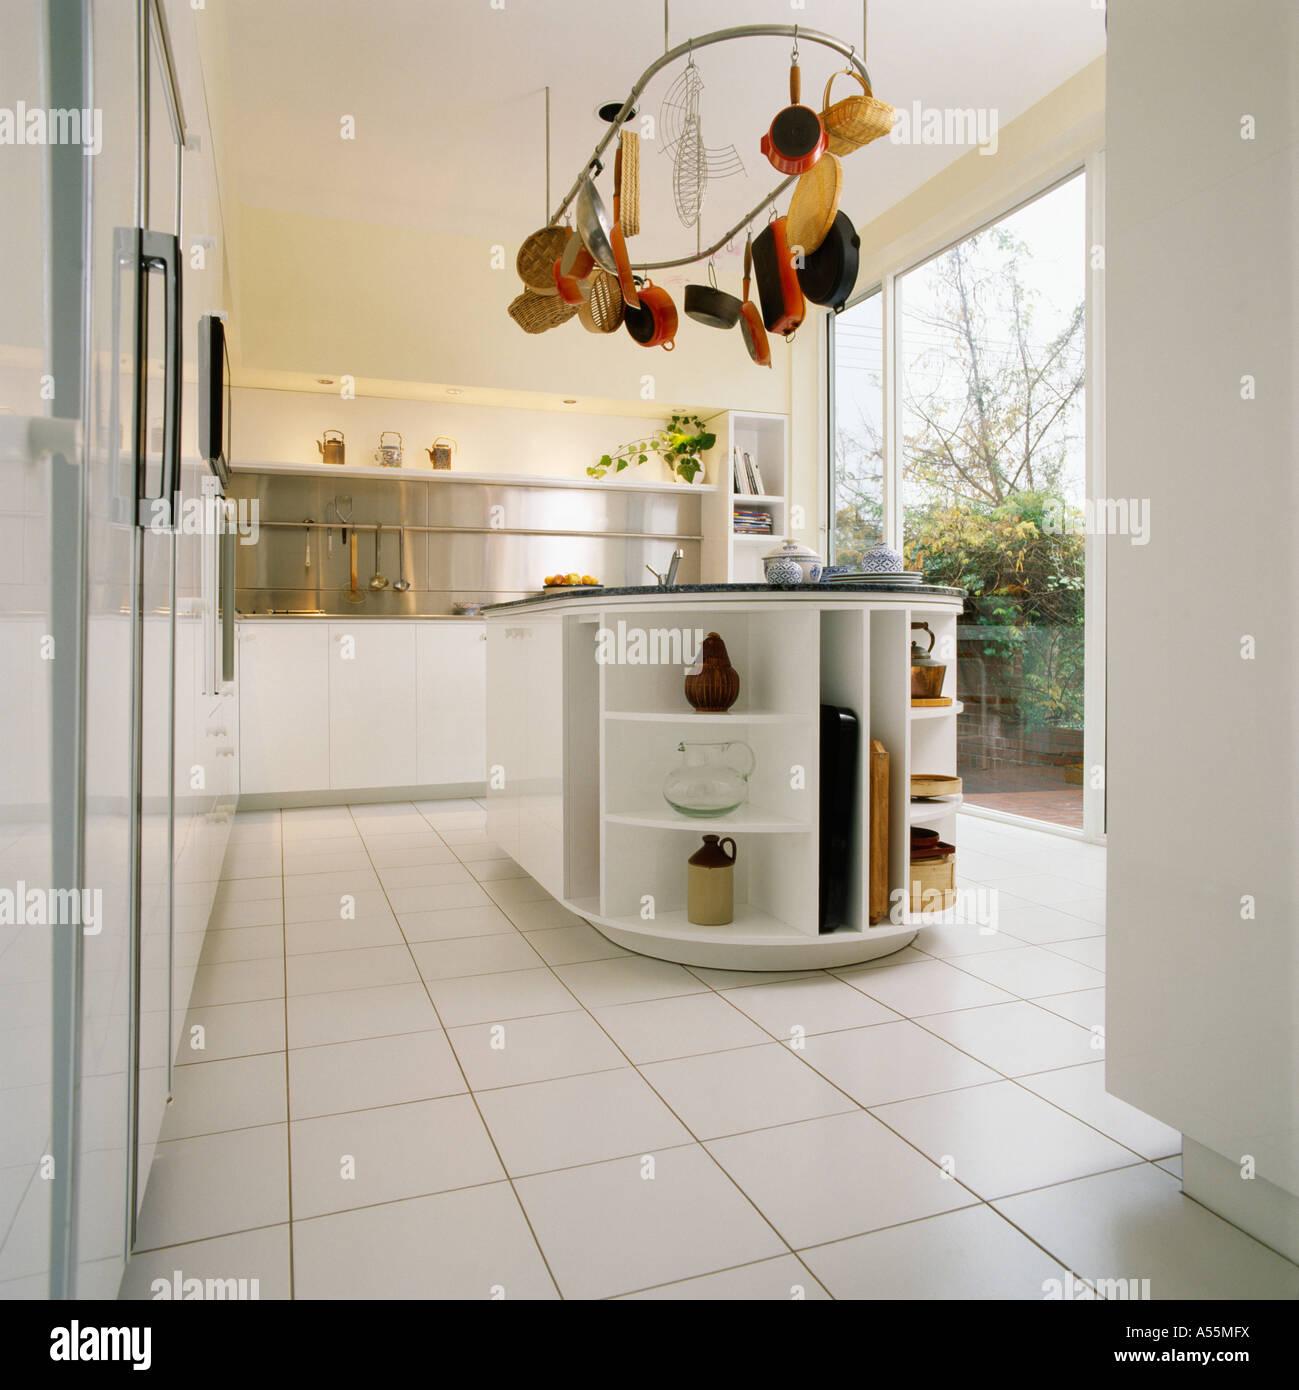 Moderne weißer Küche mit weiß gefliesten Boden und hängenden Topf ...